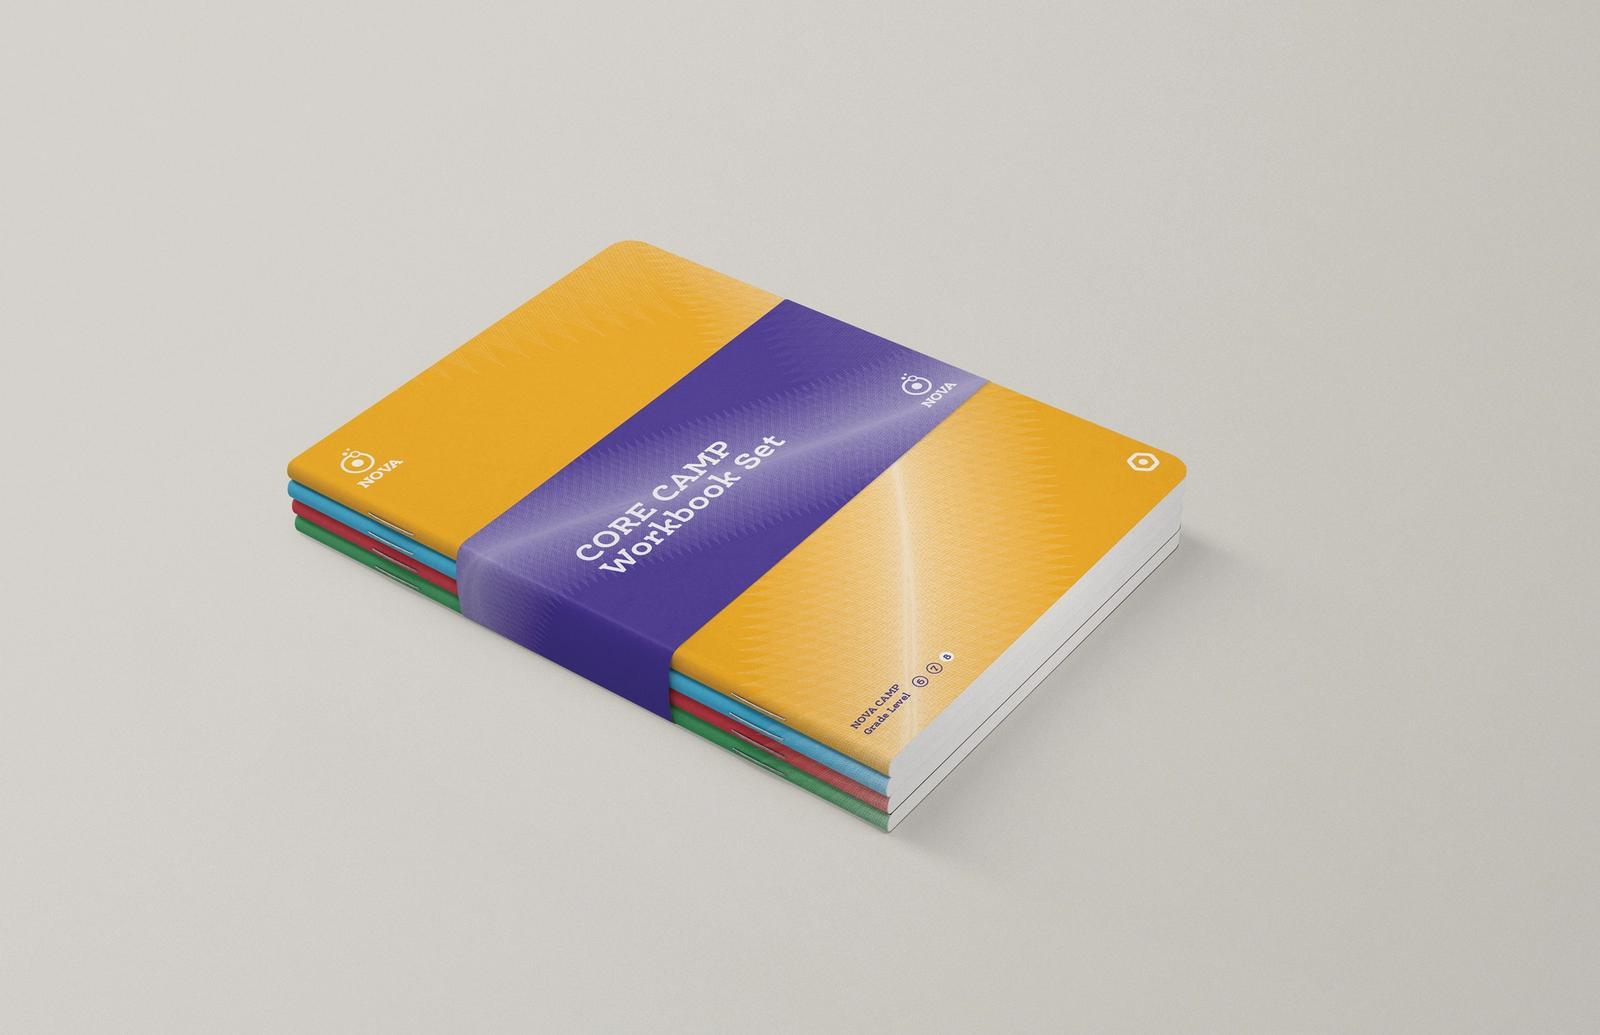 NOVA Workbooks // MFA Thesis Project